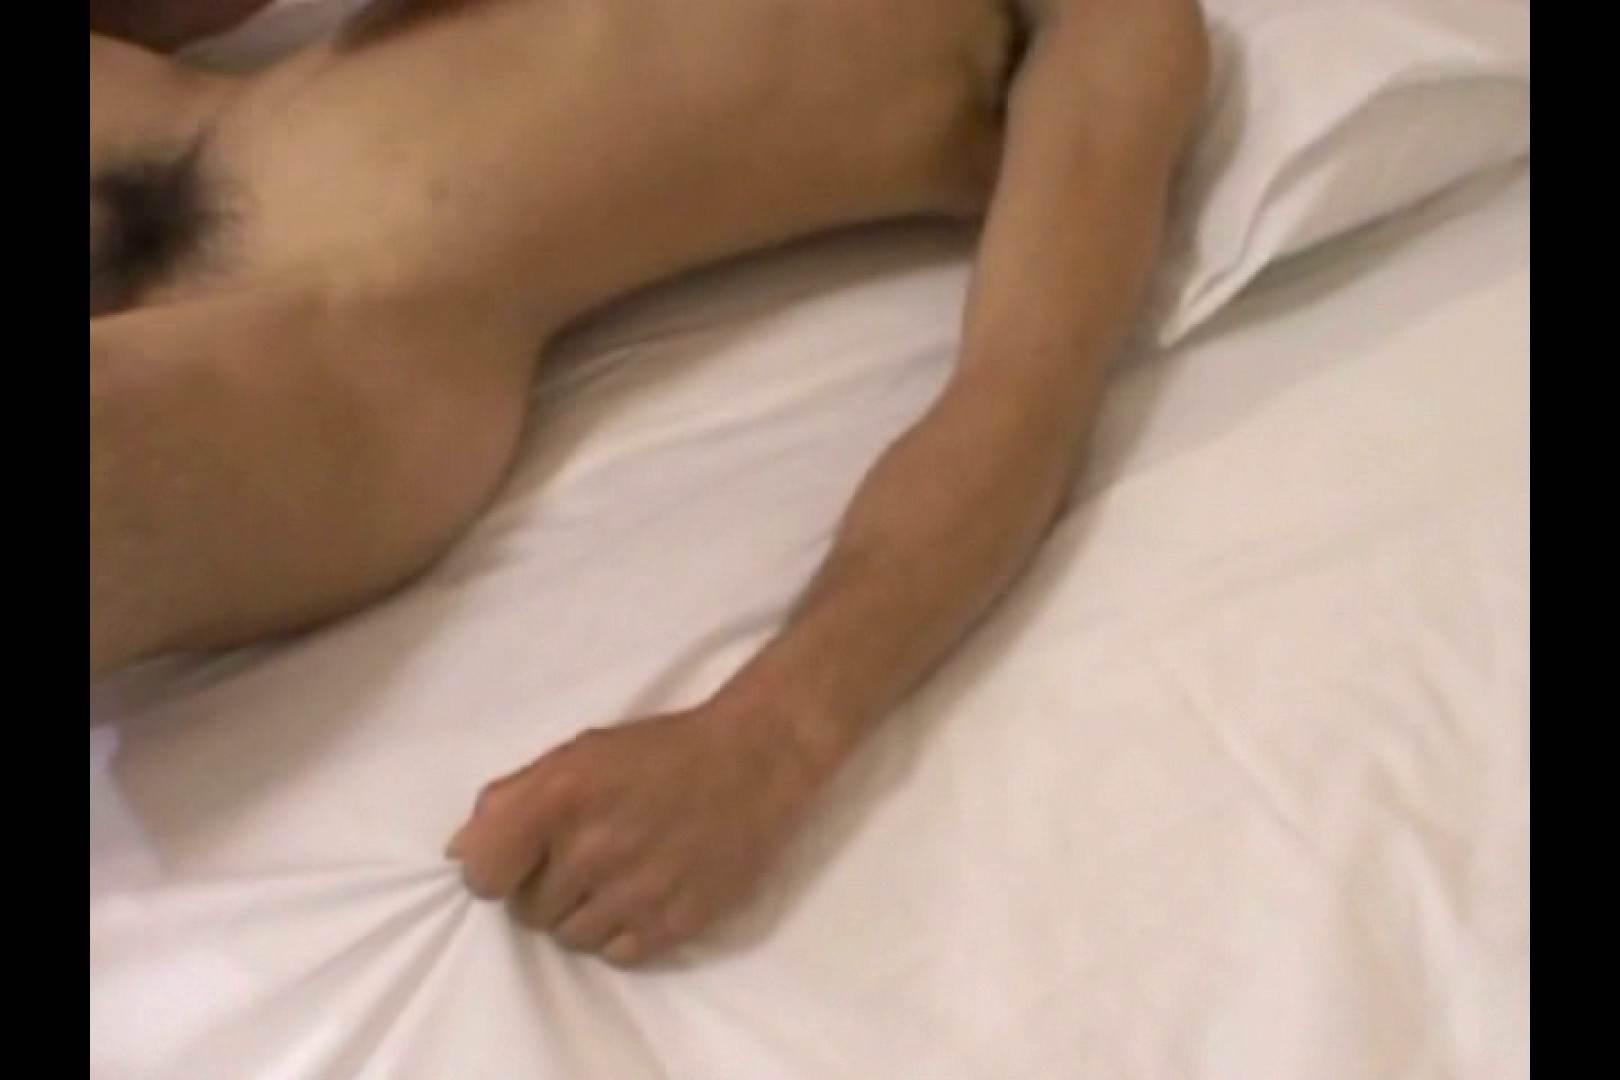 ノンケさんいらっしゃーい前編 ノンケ達のセックス   男の世界  103画像 103